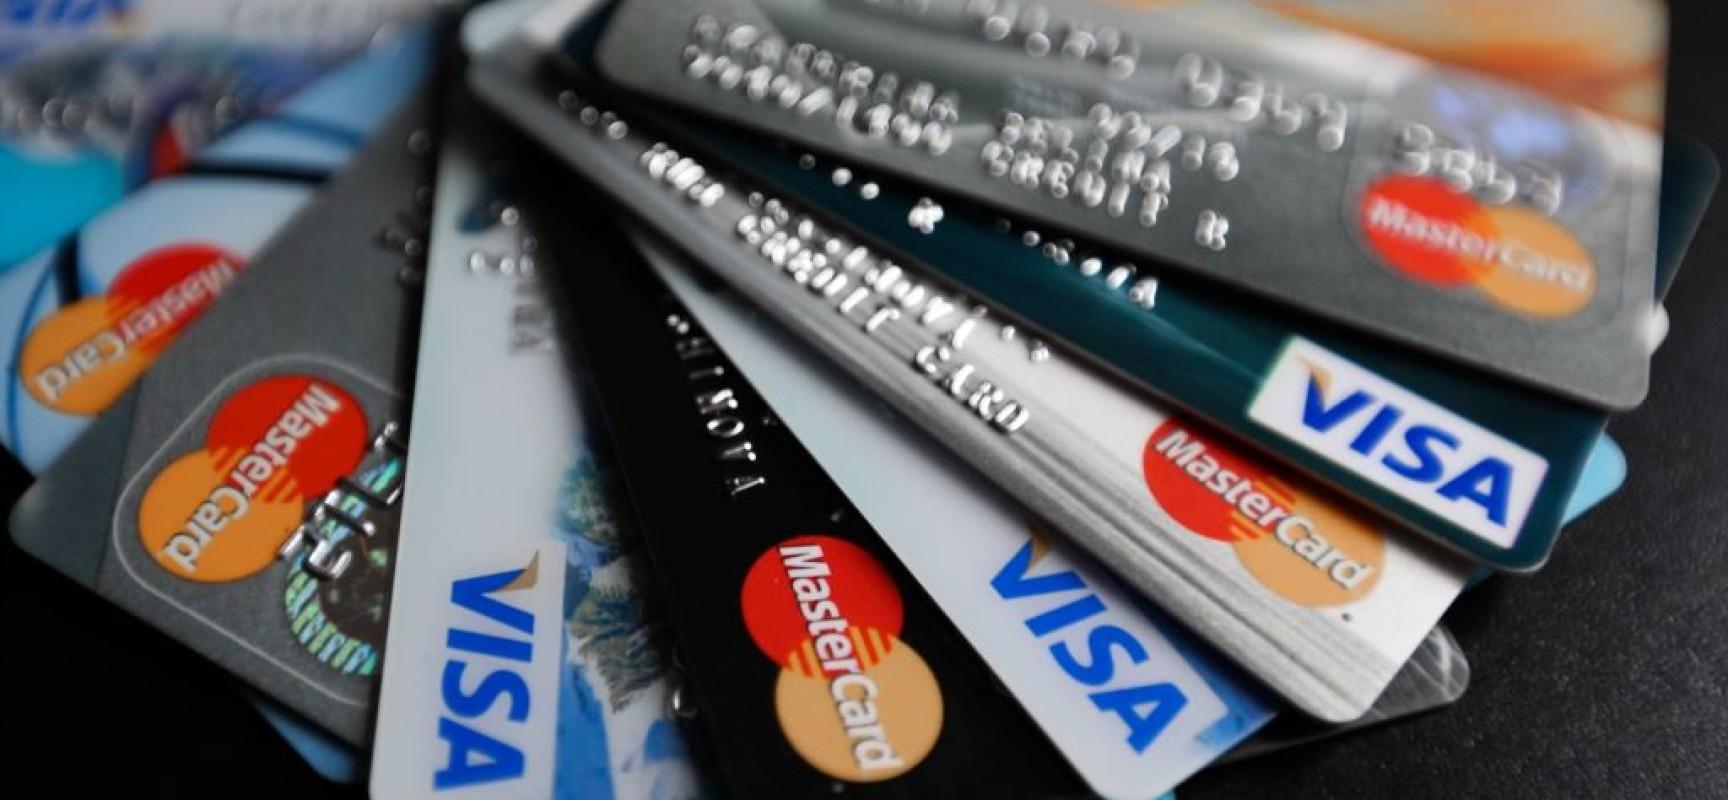 Преимущества получения заработной платы через пластиковую карту